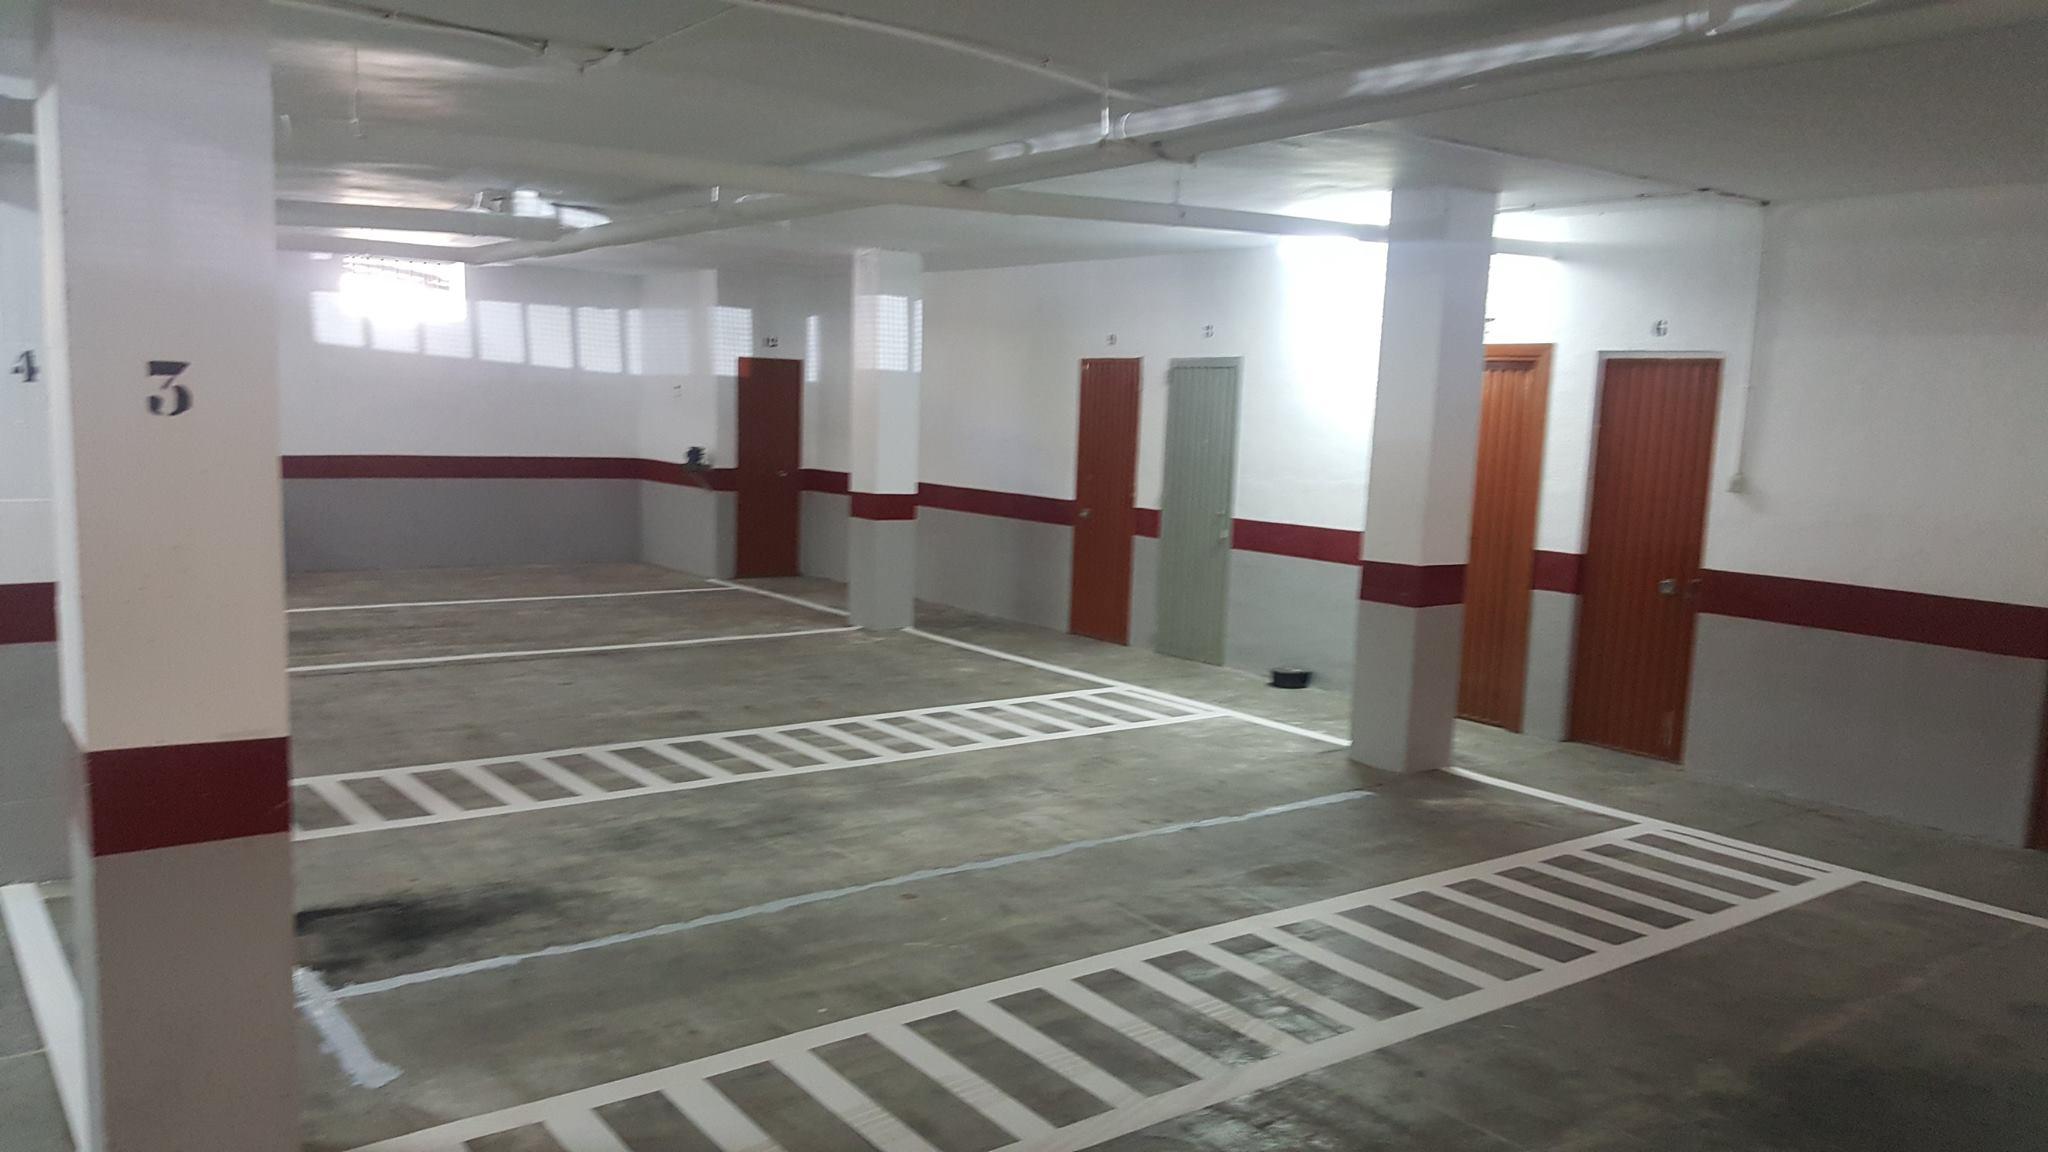 Limpieza y pintura de parking pinturas y reformas adolfo - Pintura suelo parking ...